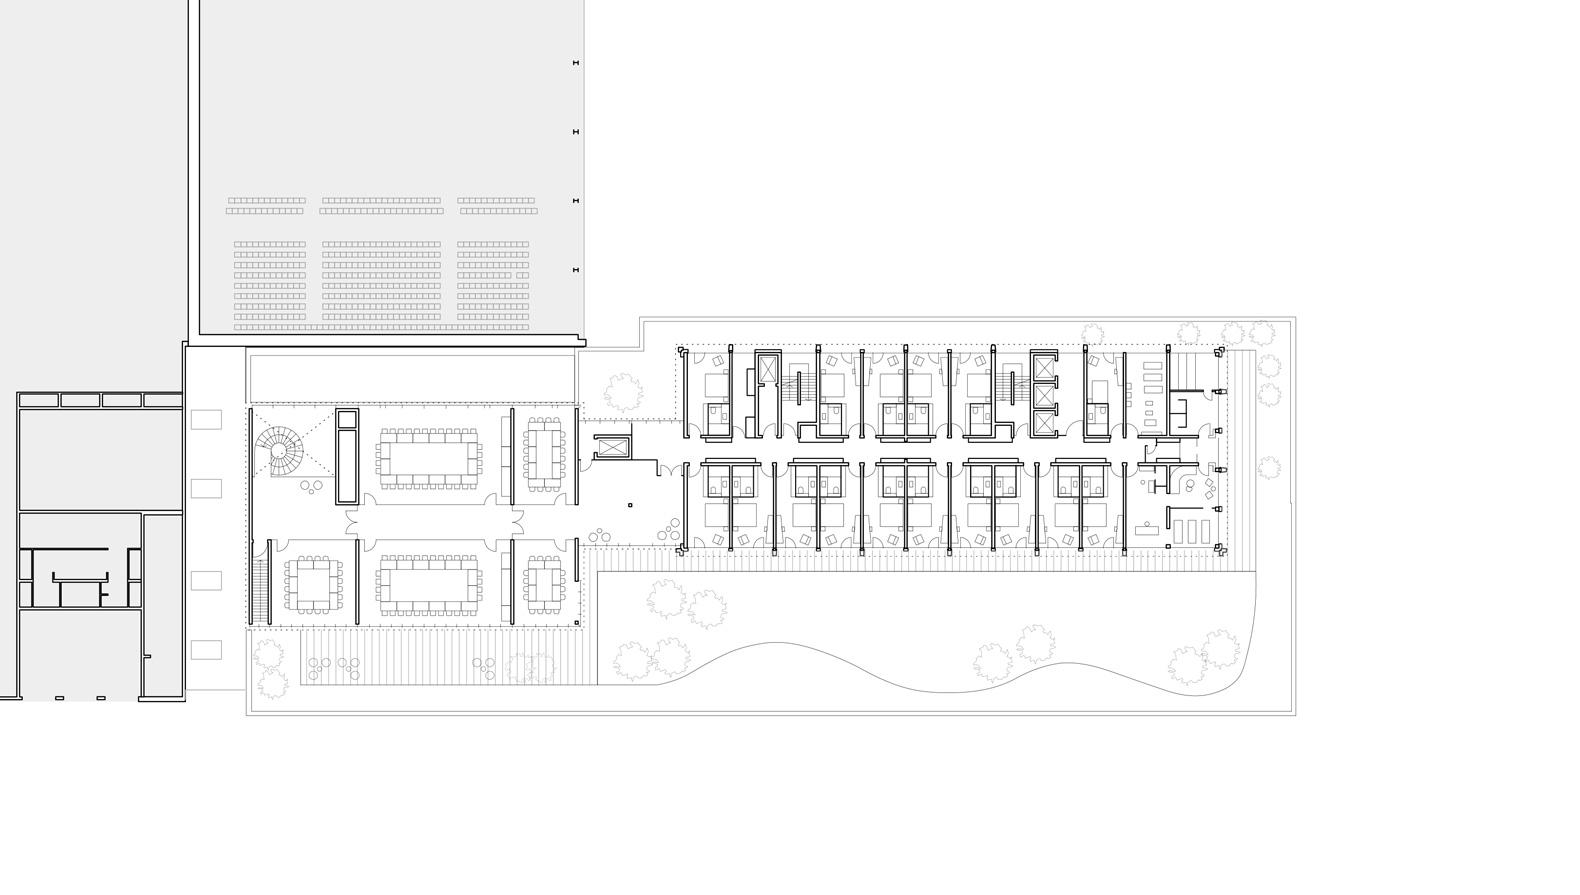 Grundriss 1. OG mit Gästezimmern und Tagungsbereich an der Dachterrasse.